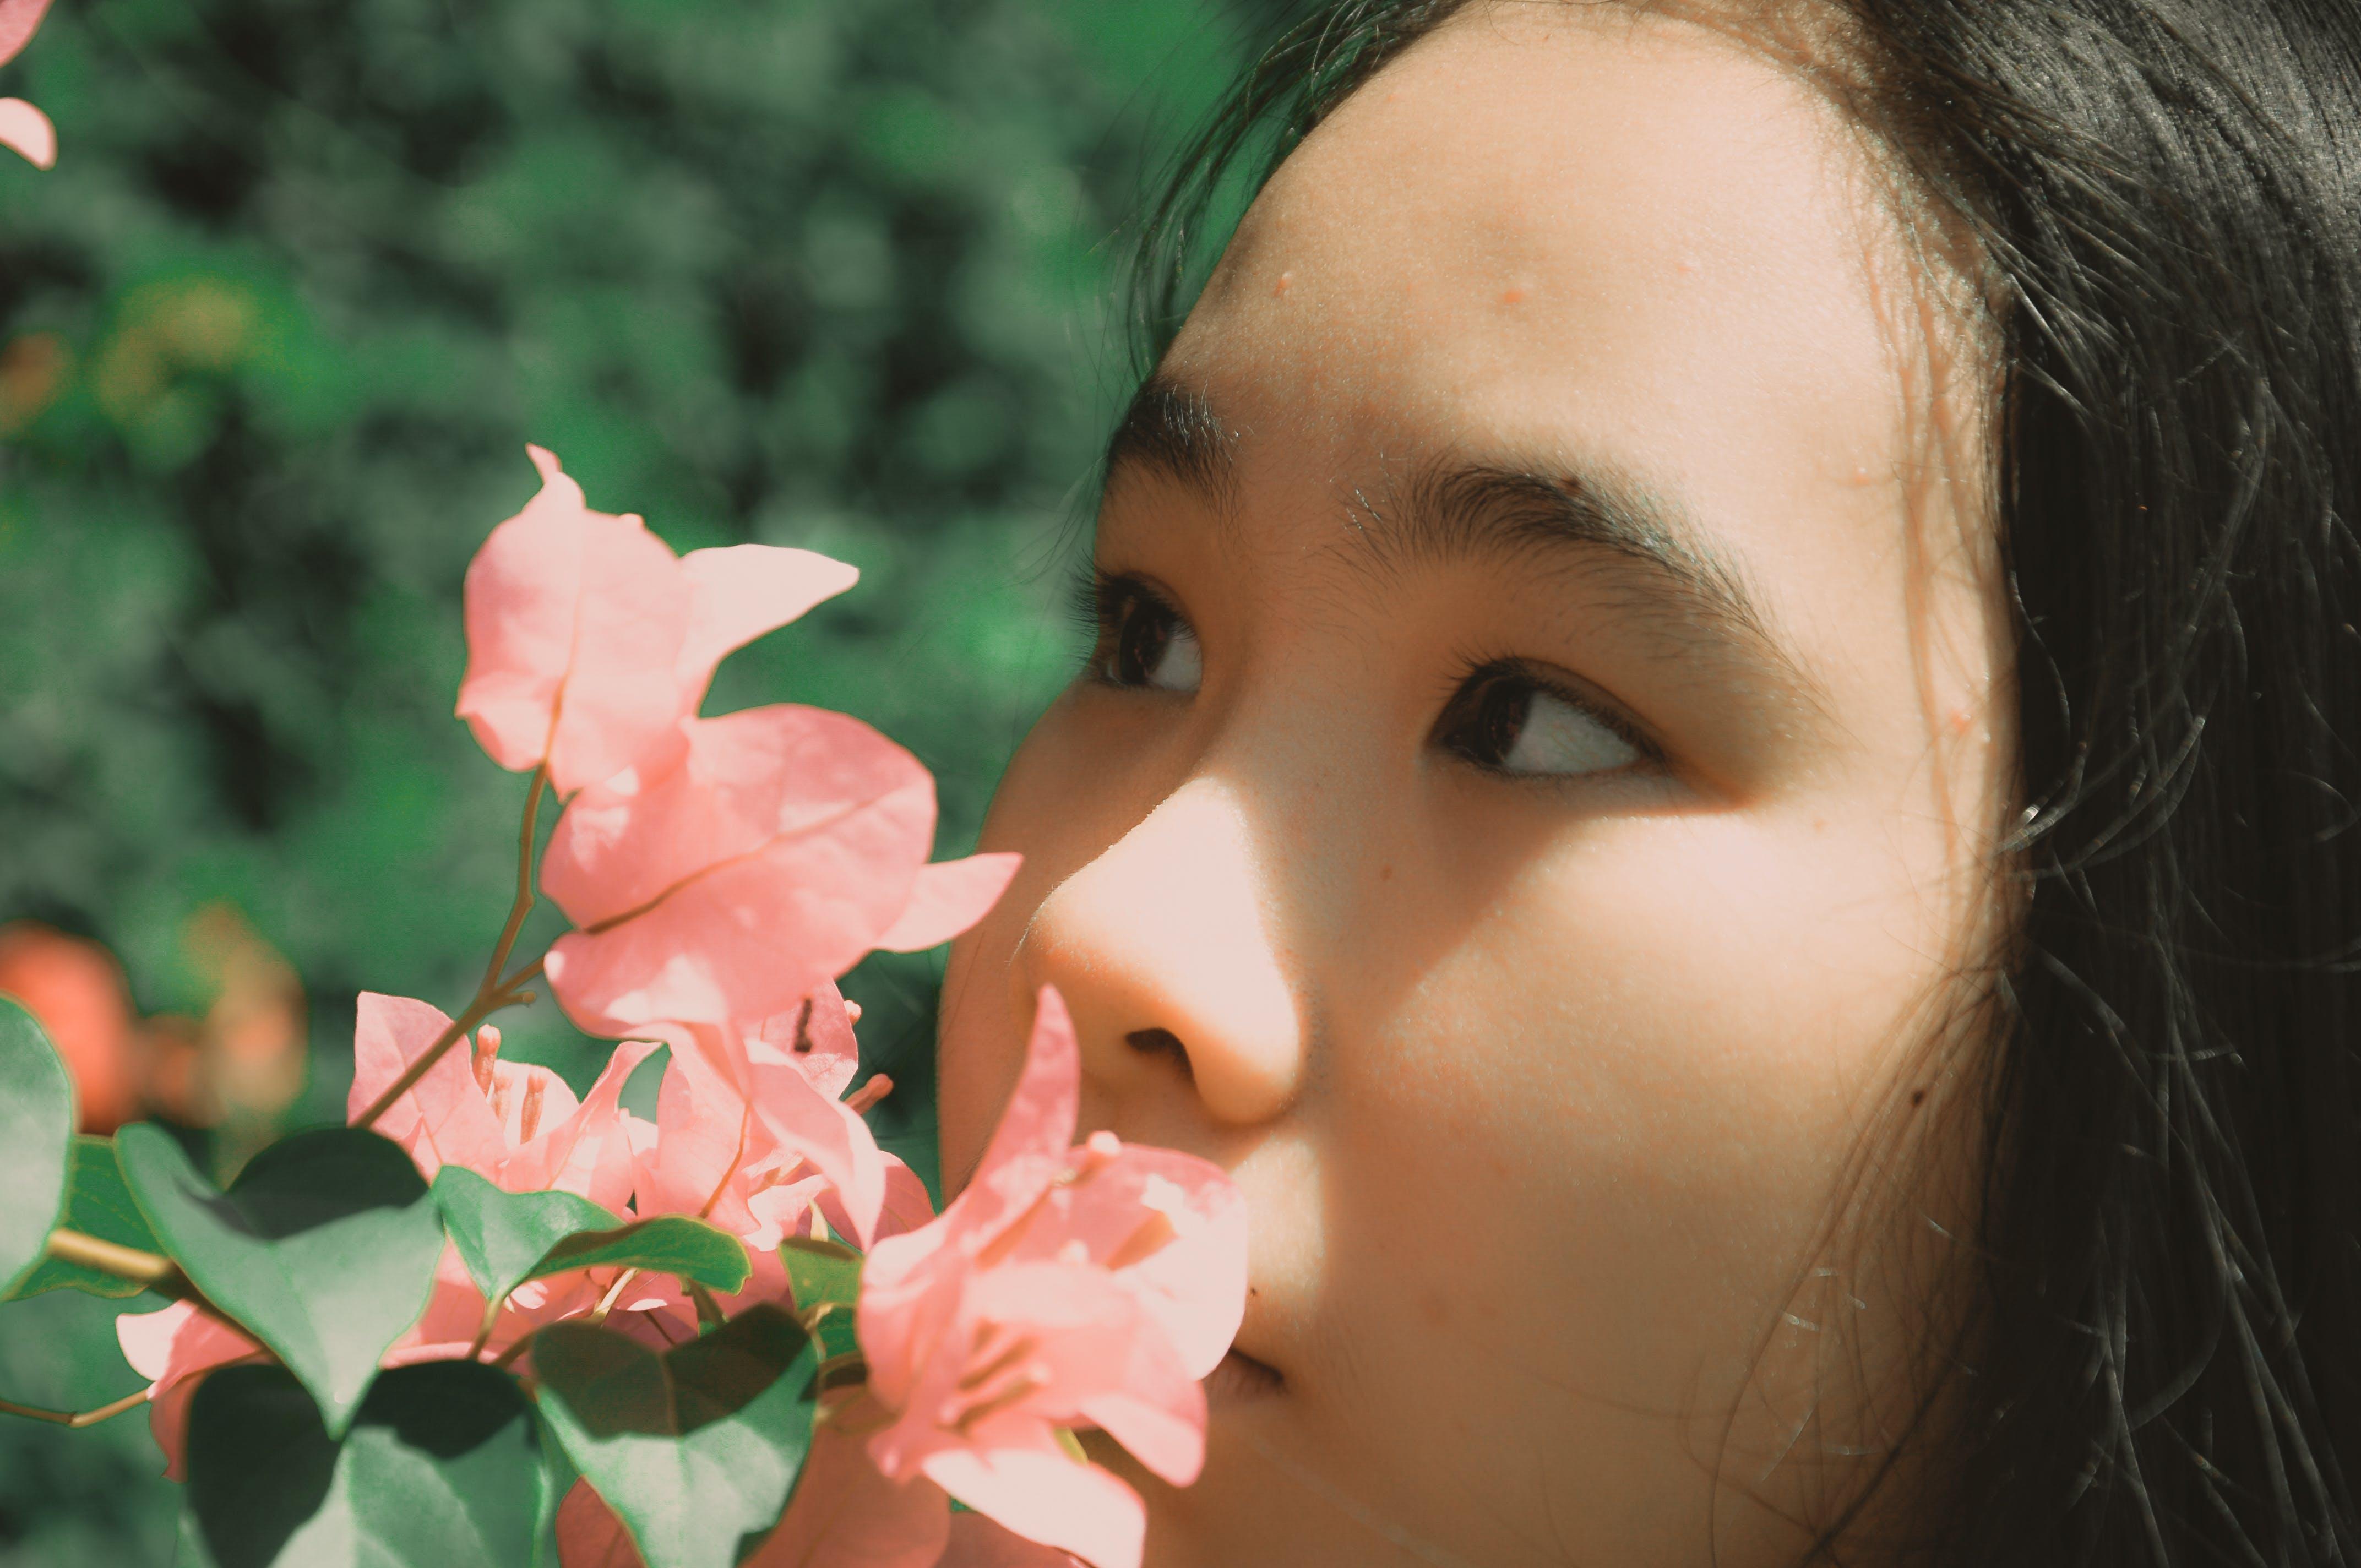 Foto stok gratis berbau, bunga-bunga, bunga-bunga merah muda, cute